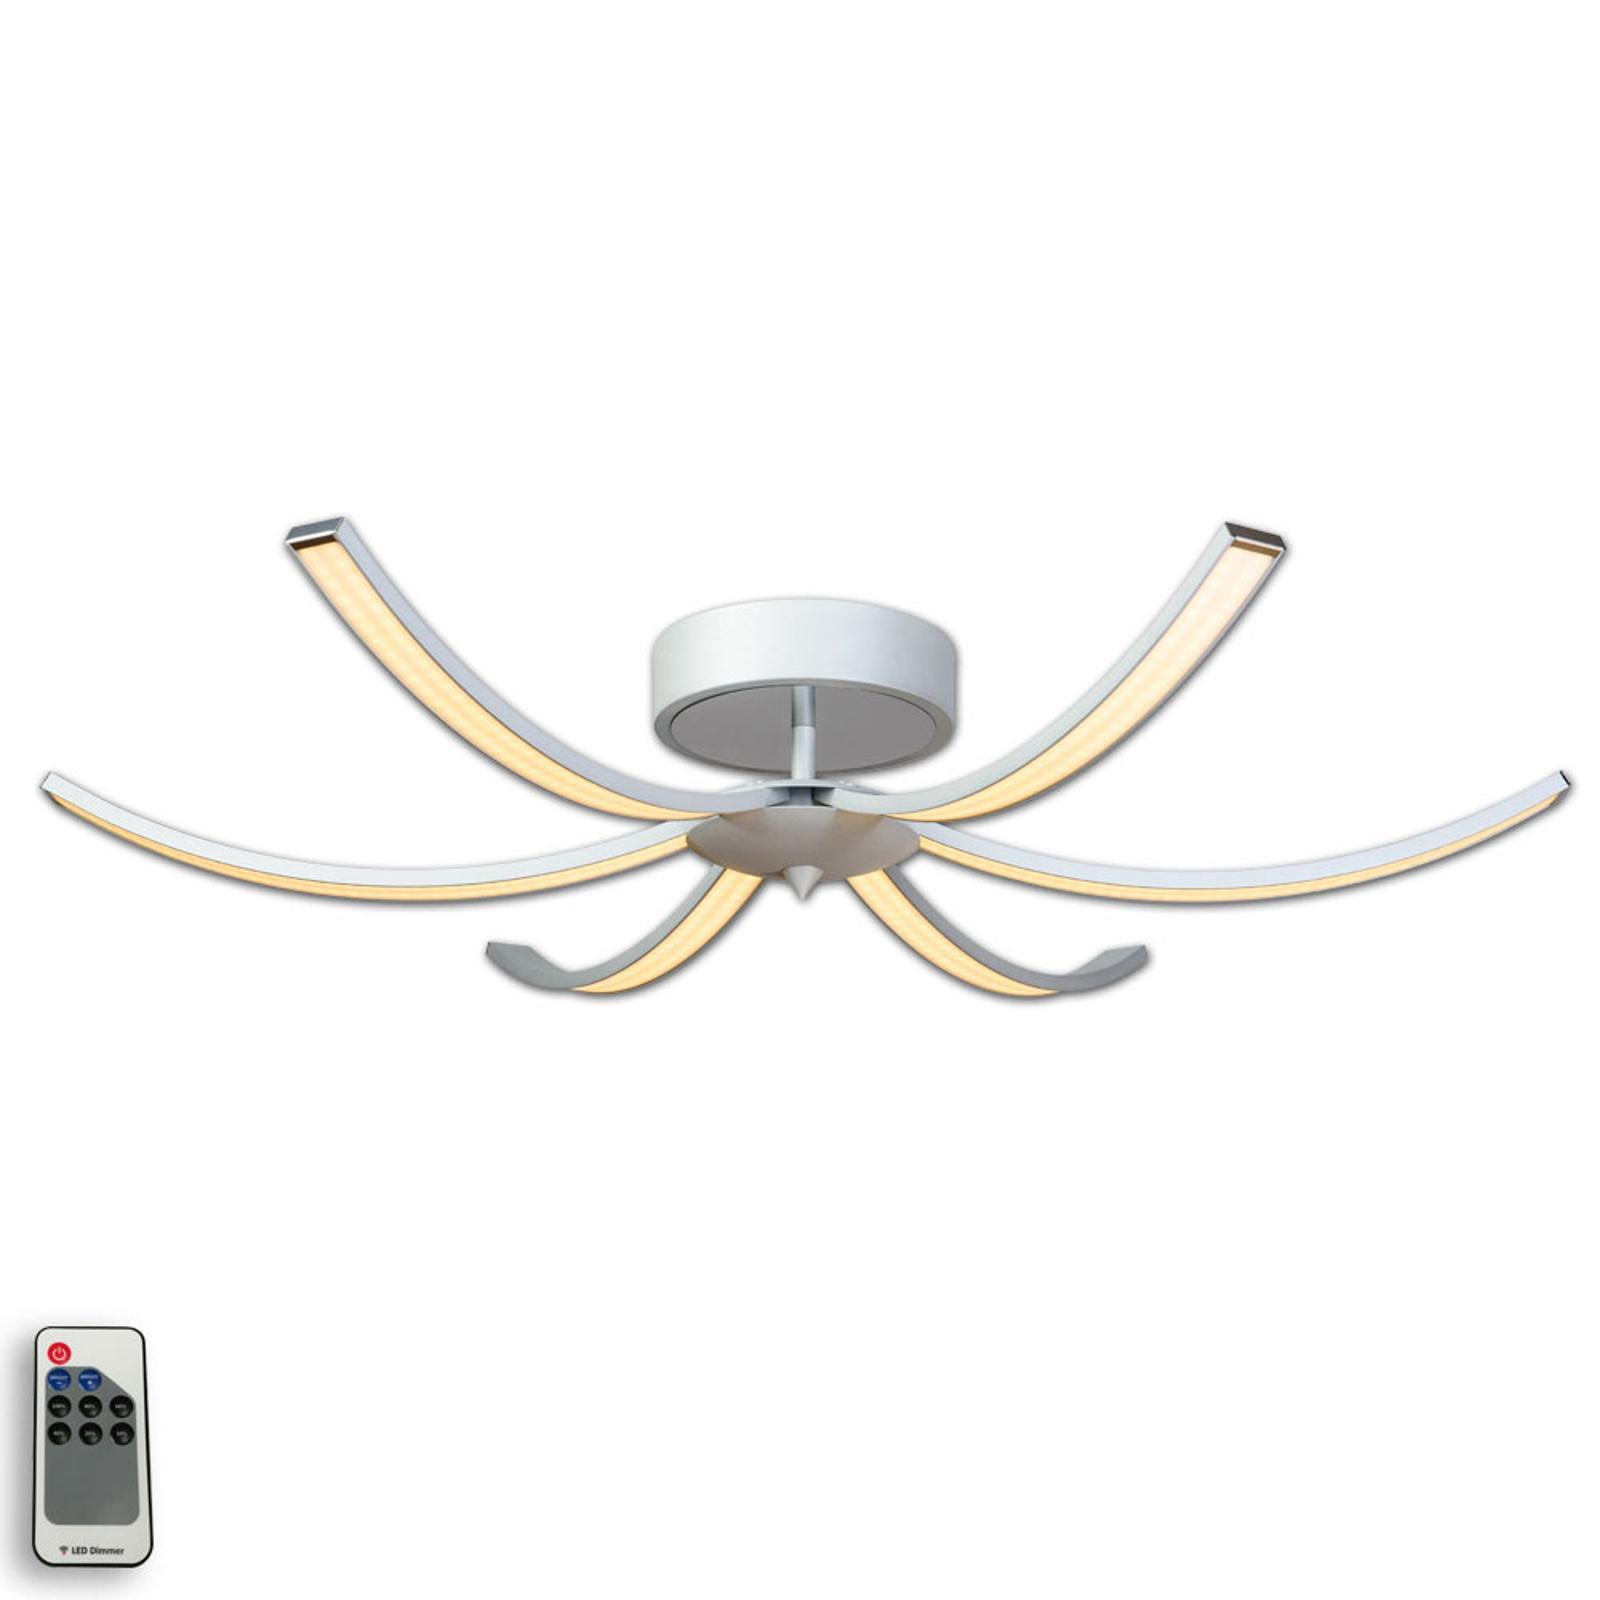 LED-kattovalaisin Umbra 6-lamppuinen 91cm alumiini